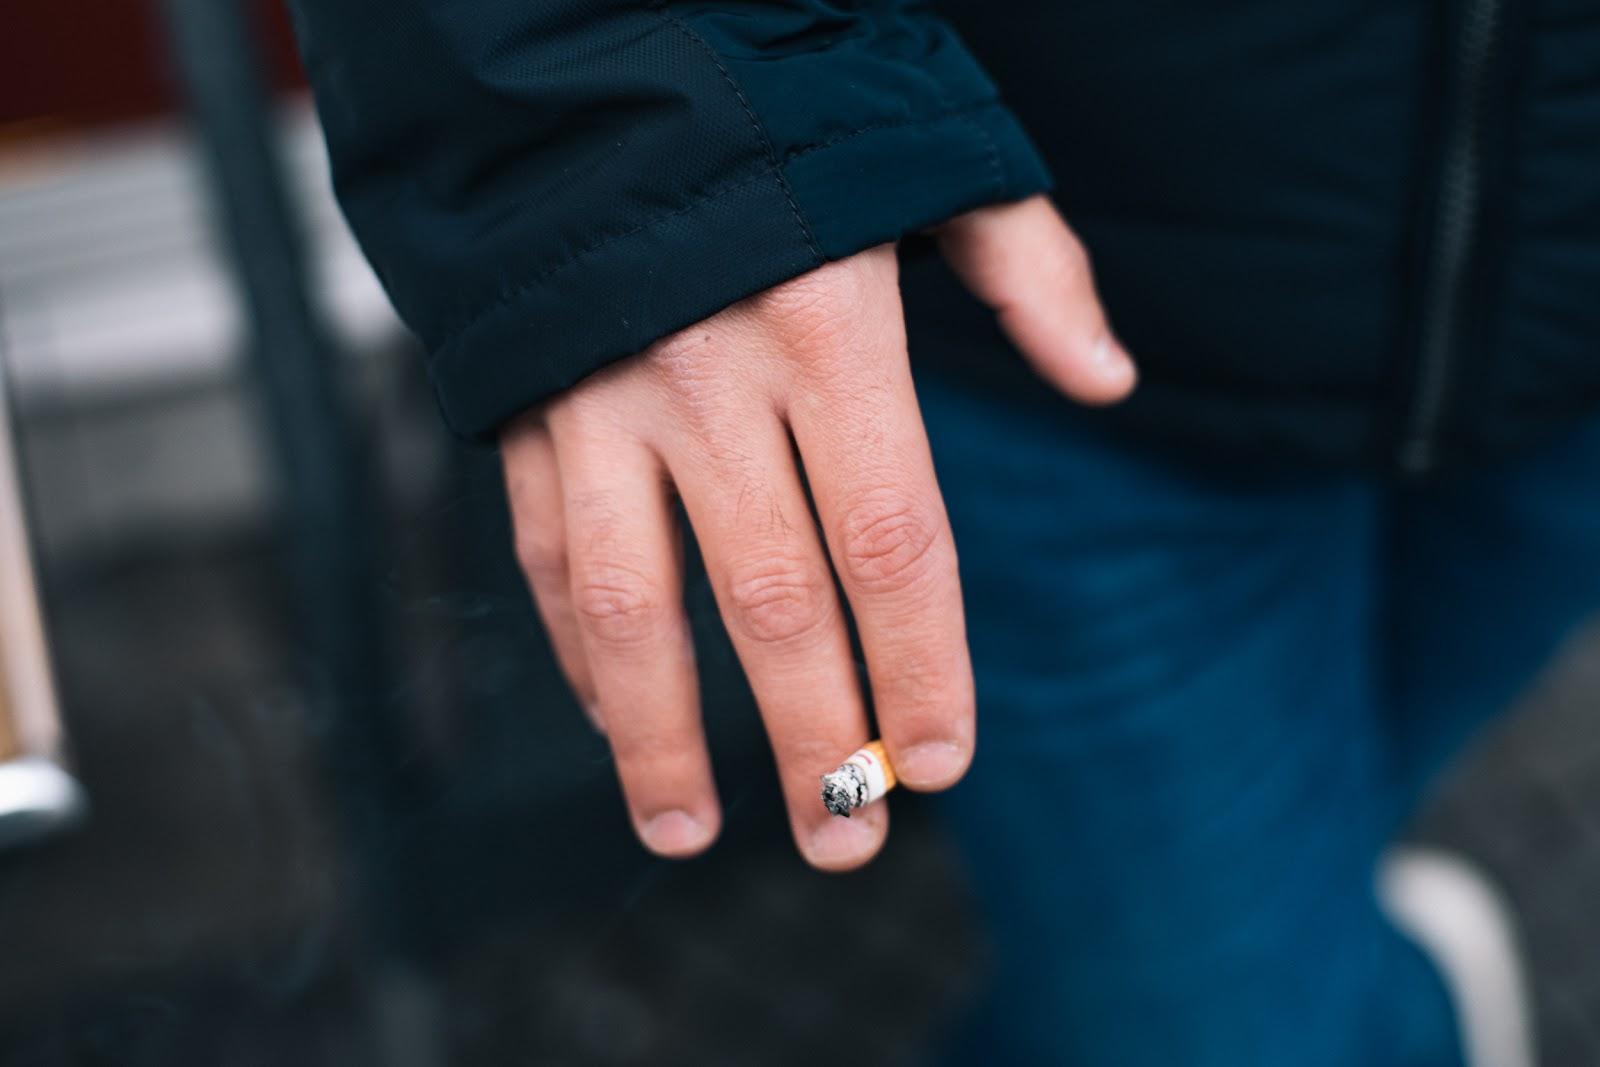 Die Hand von Ali, der eine Zigarette hält